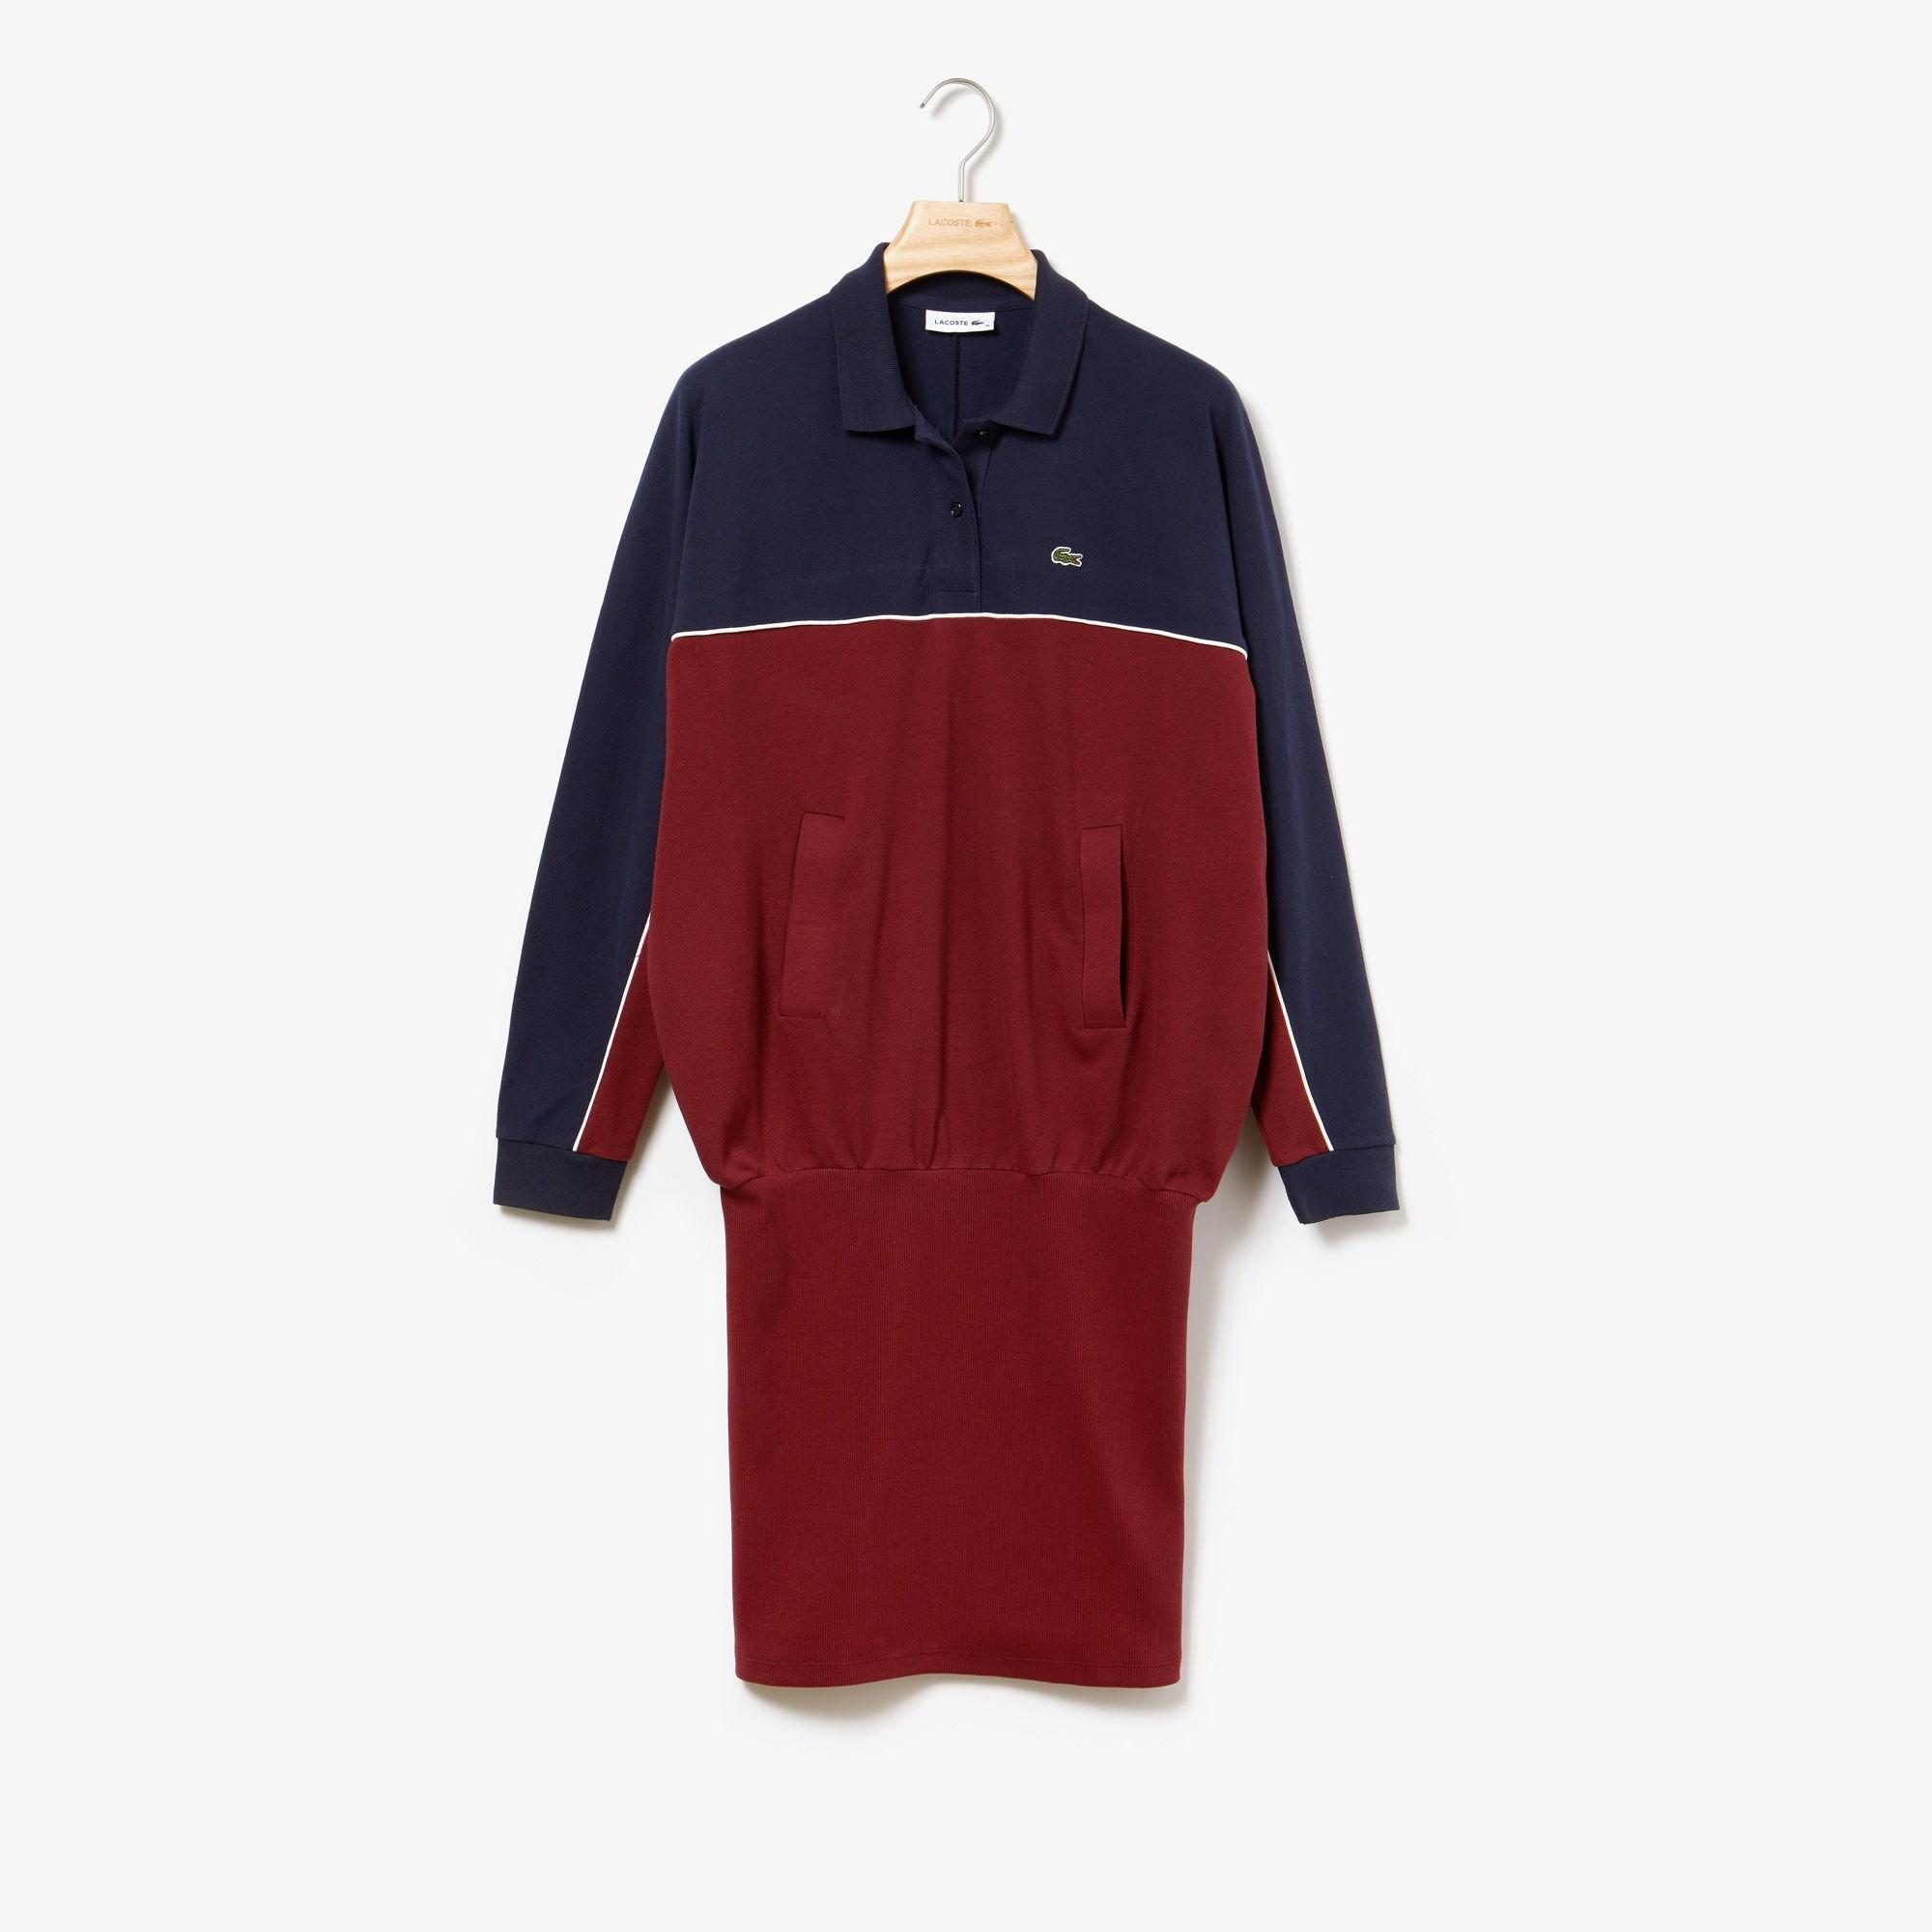 Фото 5 - Женское платье Lacoste красного цвета